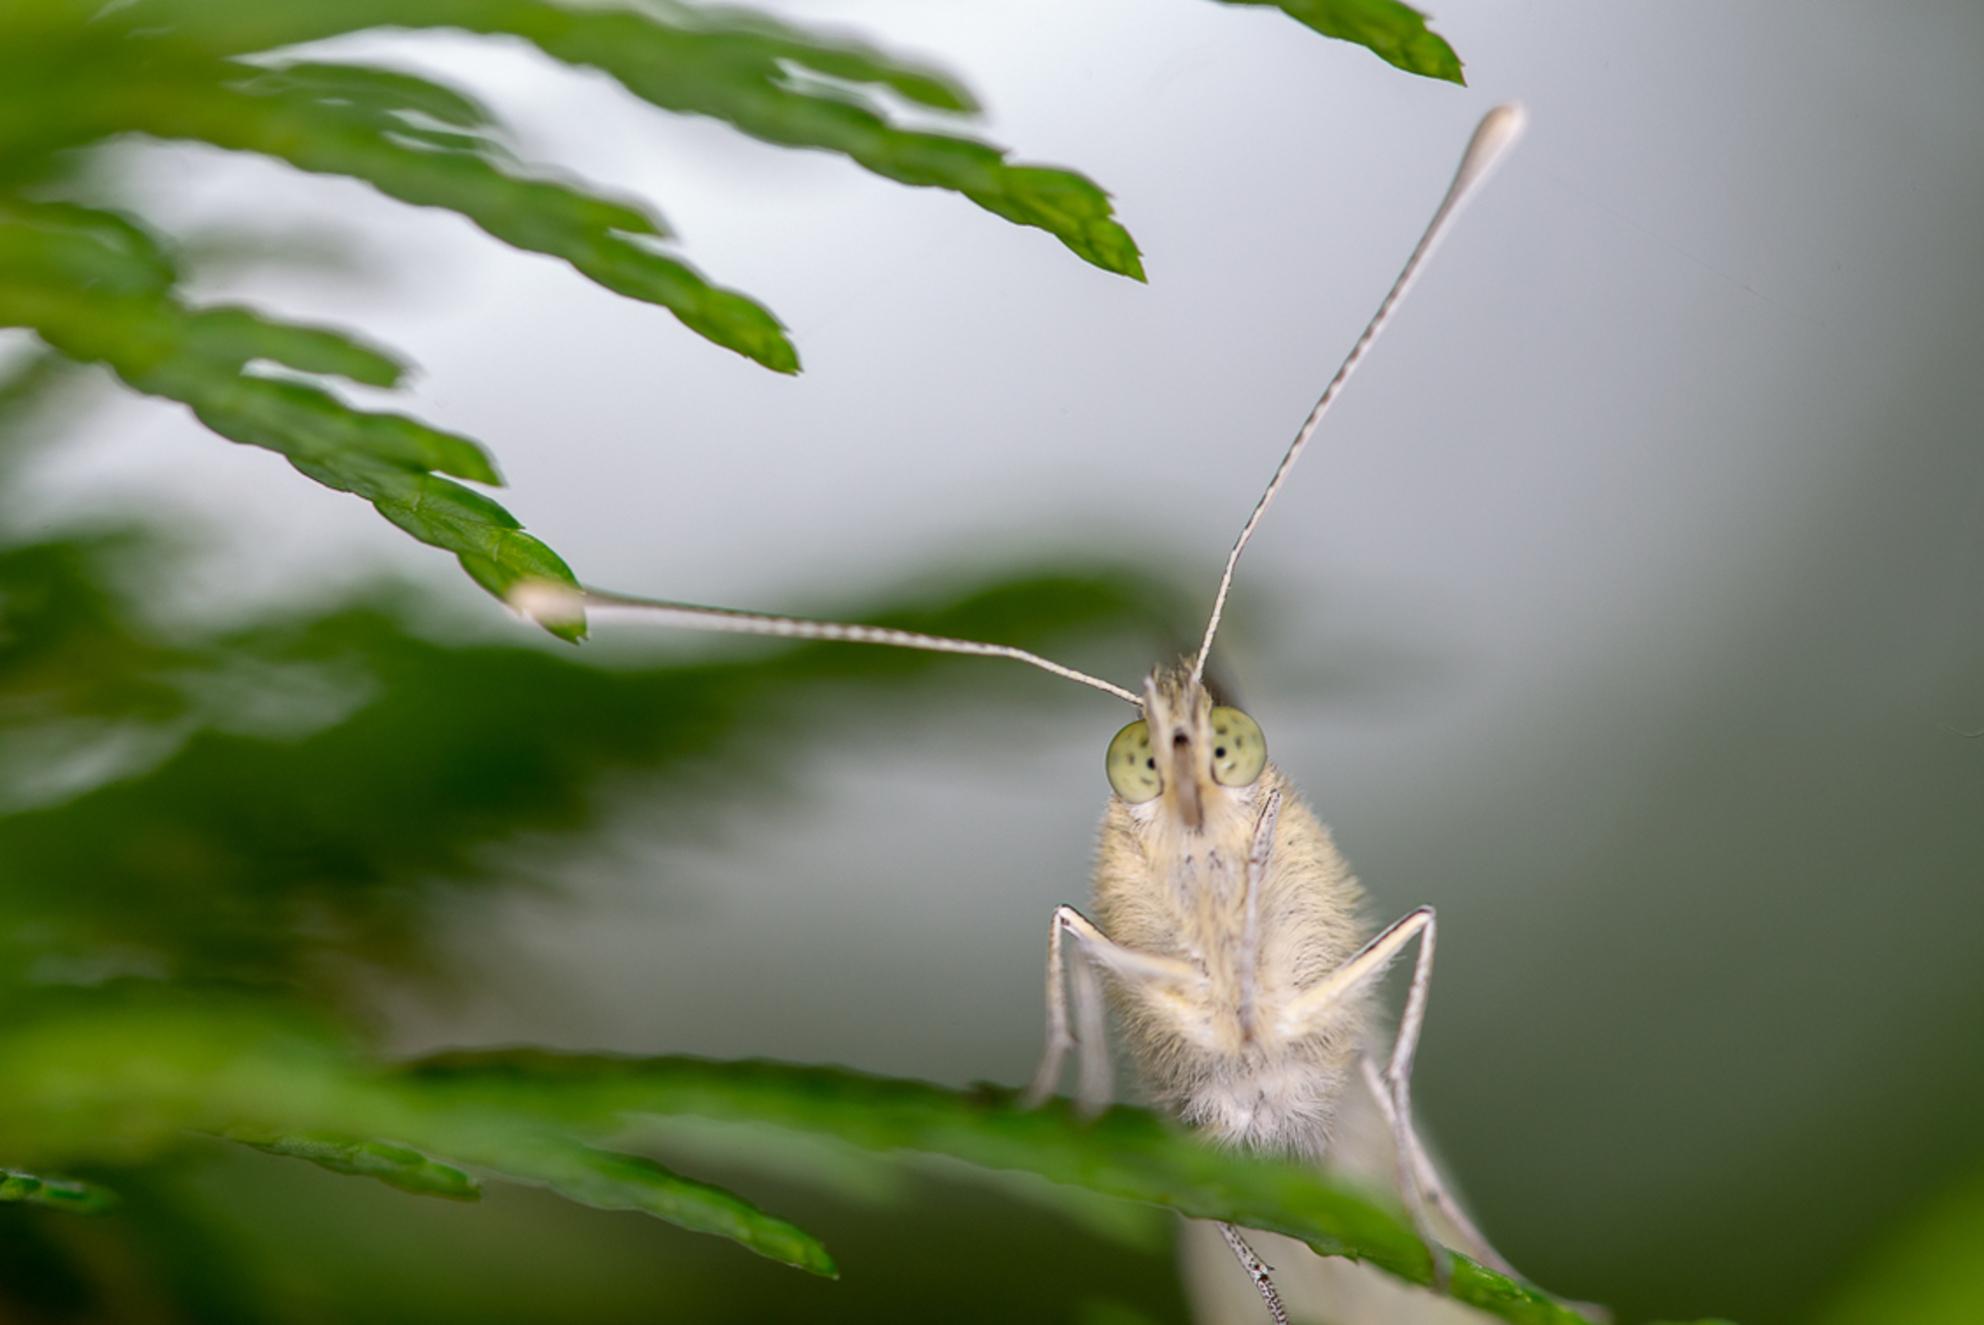 Ons koolwitje - Met dank aan de vlinderstichting een prachtig project Koolwitjes in de klas. Van eitjes tot rups, van pop tot vlinder. Nadat er in de klas diverse vl - foto door RBvandaag op 18-06-2018 - deze foto bevat: macro, vlinder - Deze foto mag gebruikt worden in een Zoom.nl publicatie